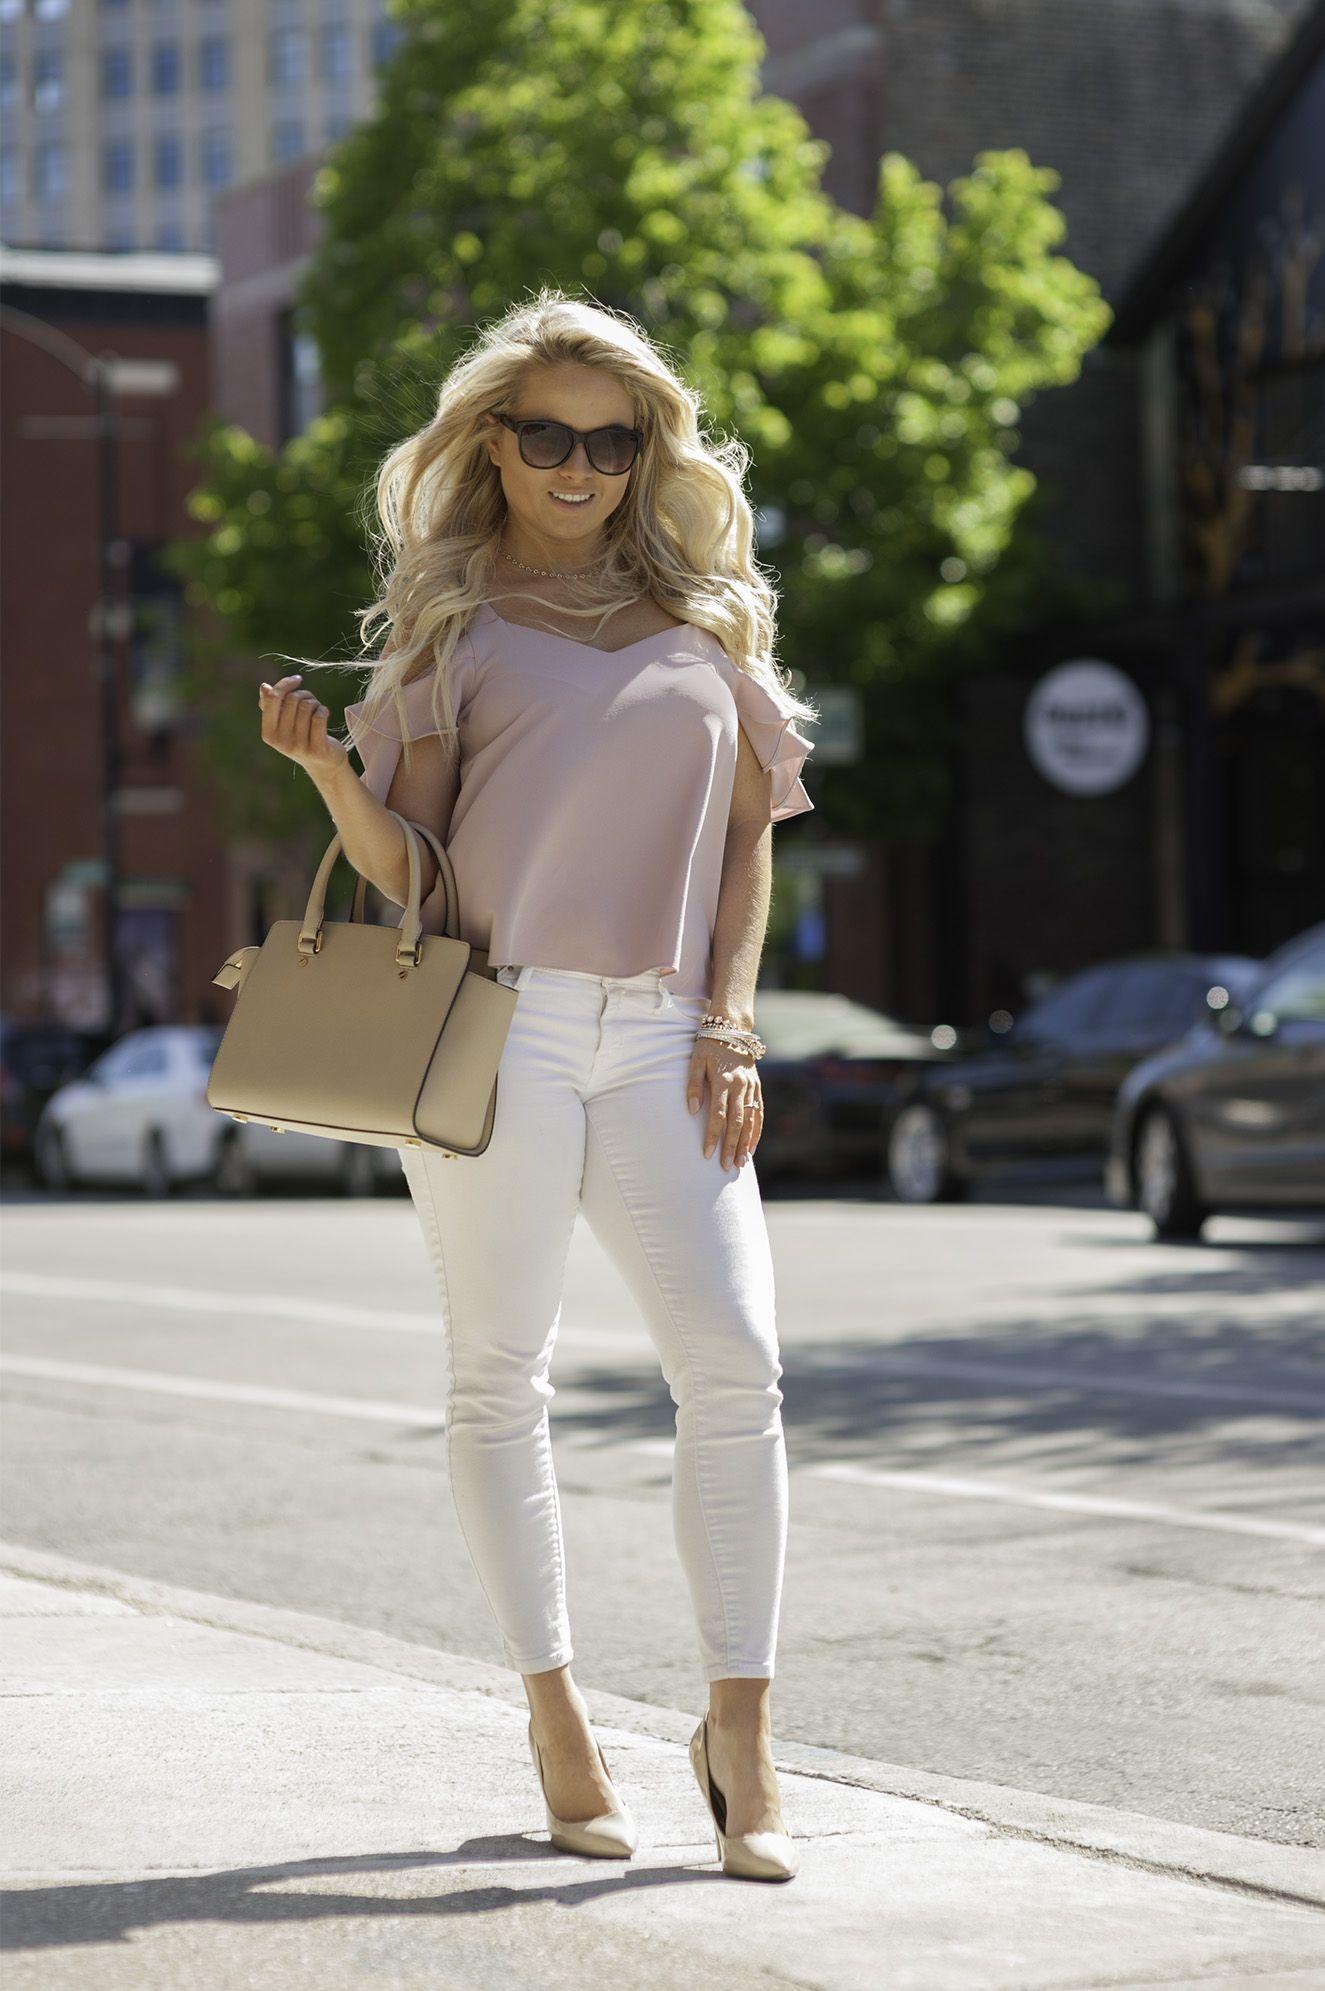 Spring Ruffles | Stephanie Morgan | The Urban Petite Fashion Blog